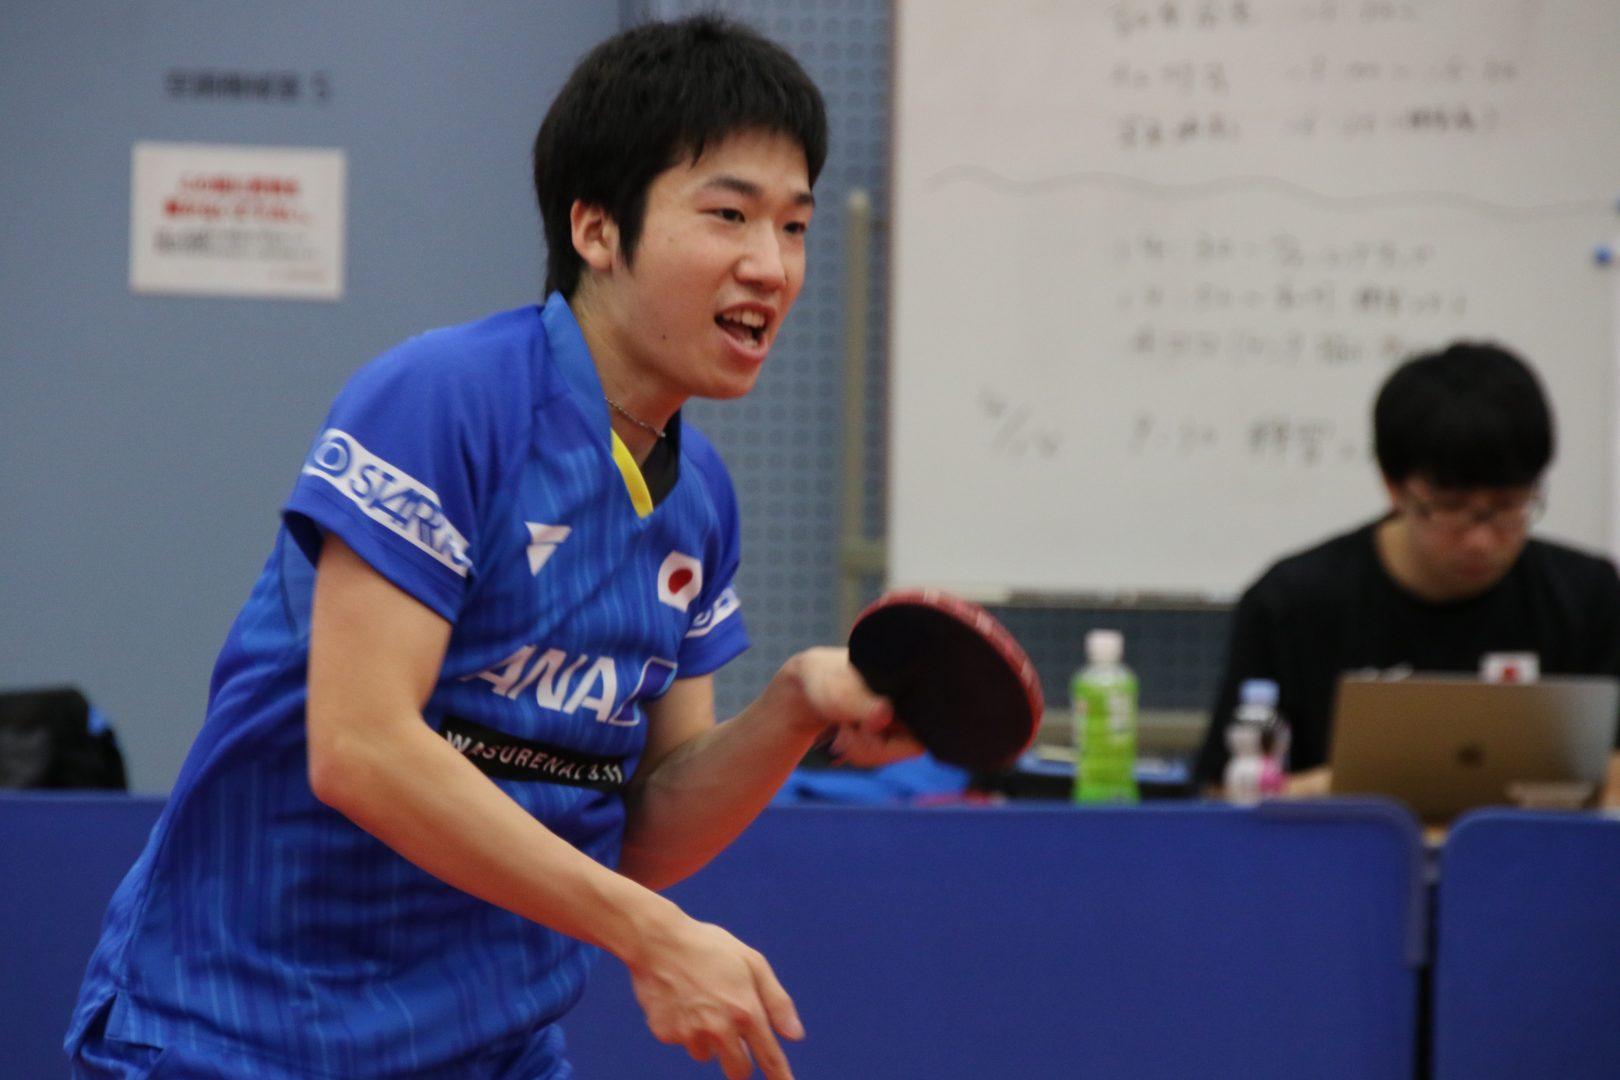 【卓球】水谷隼「流れに逆らわないプレースタイルで」 世界卓球2019組合せ決定